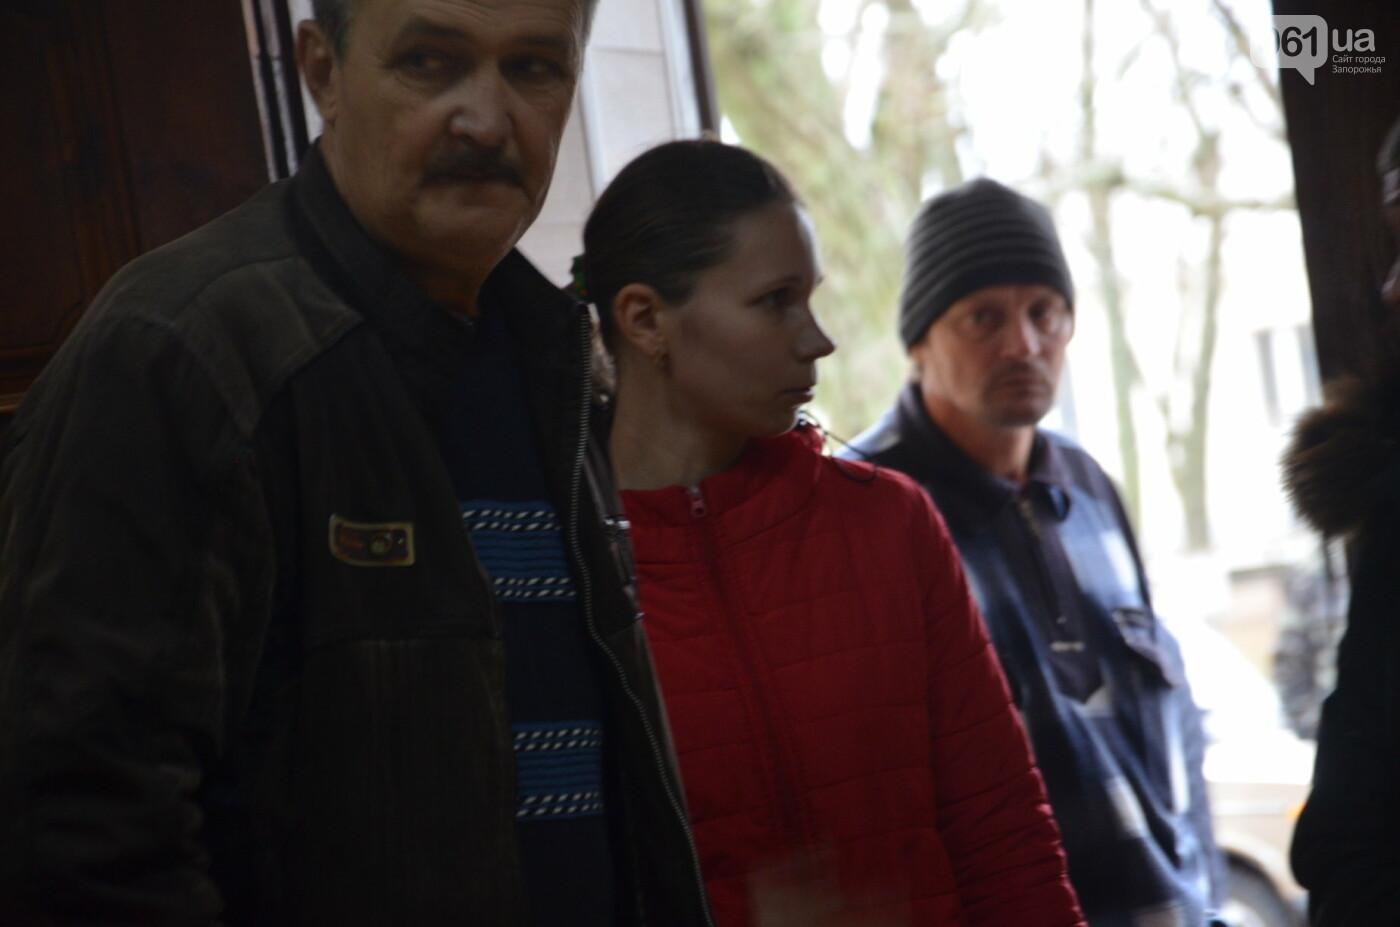 «Я сирота. Это мой дом»: воспитанники из Черниговского интерната вынуждено покинули свою обитель, фото-24